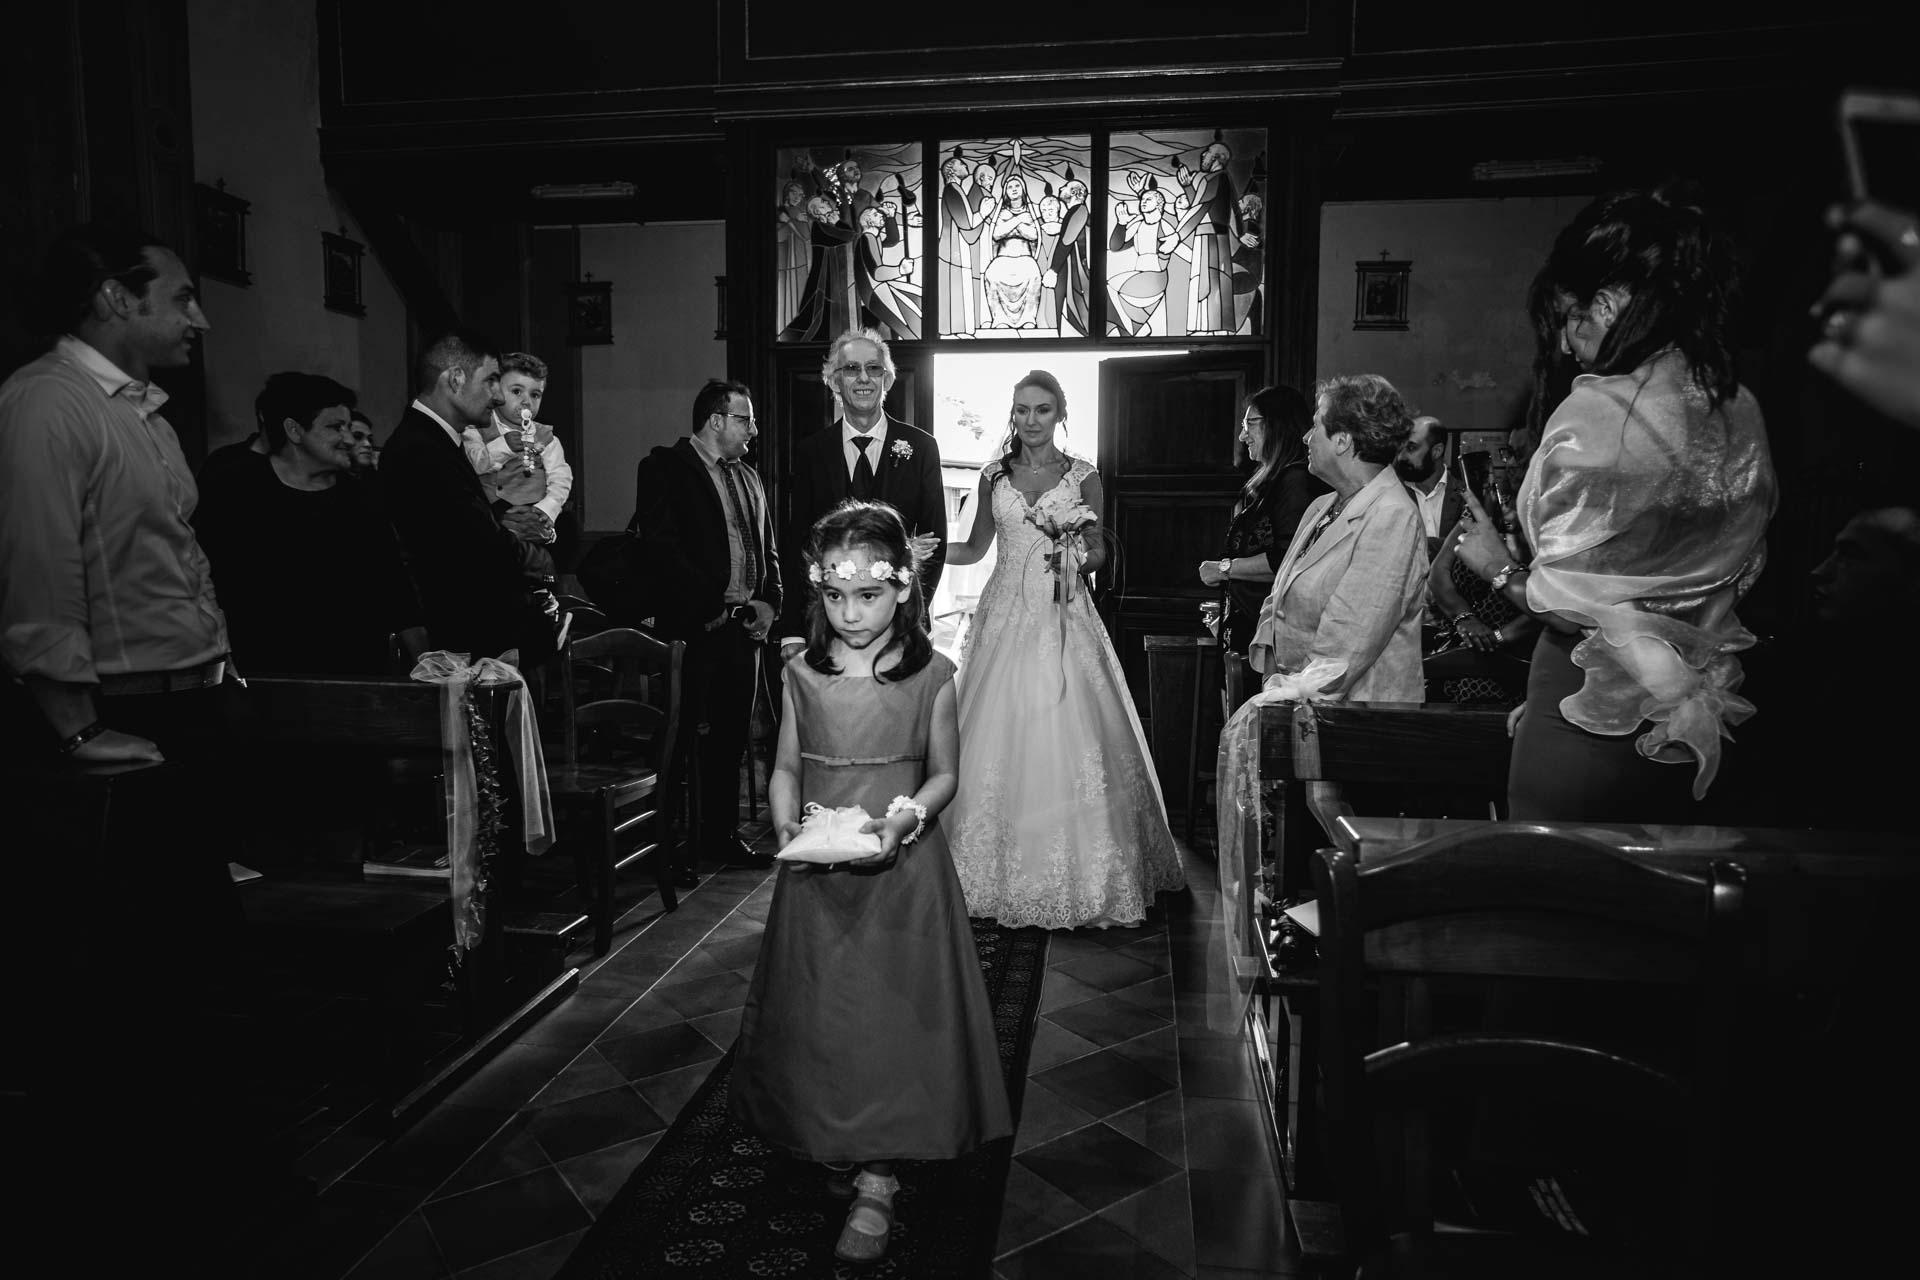 ingresso sposa paggetto papà invitati bianco nero